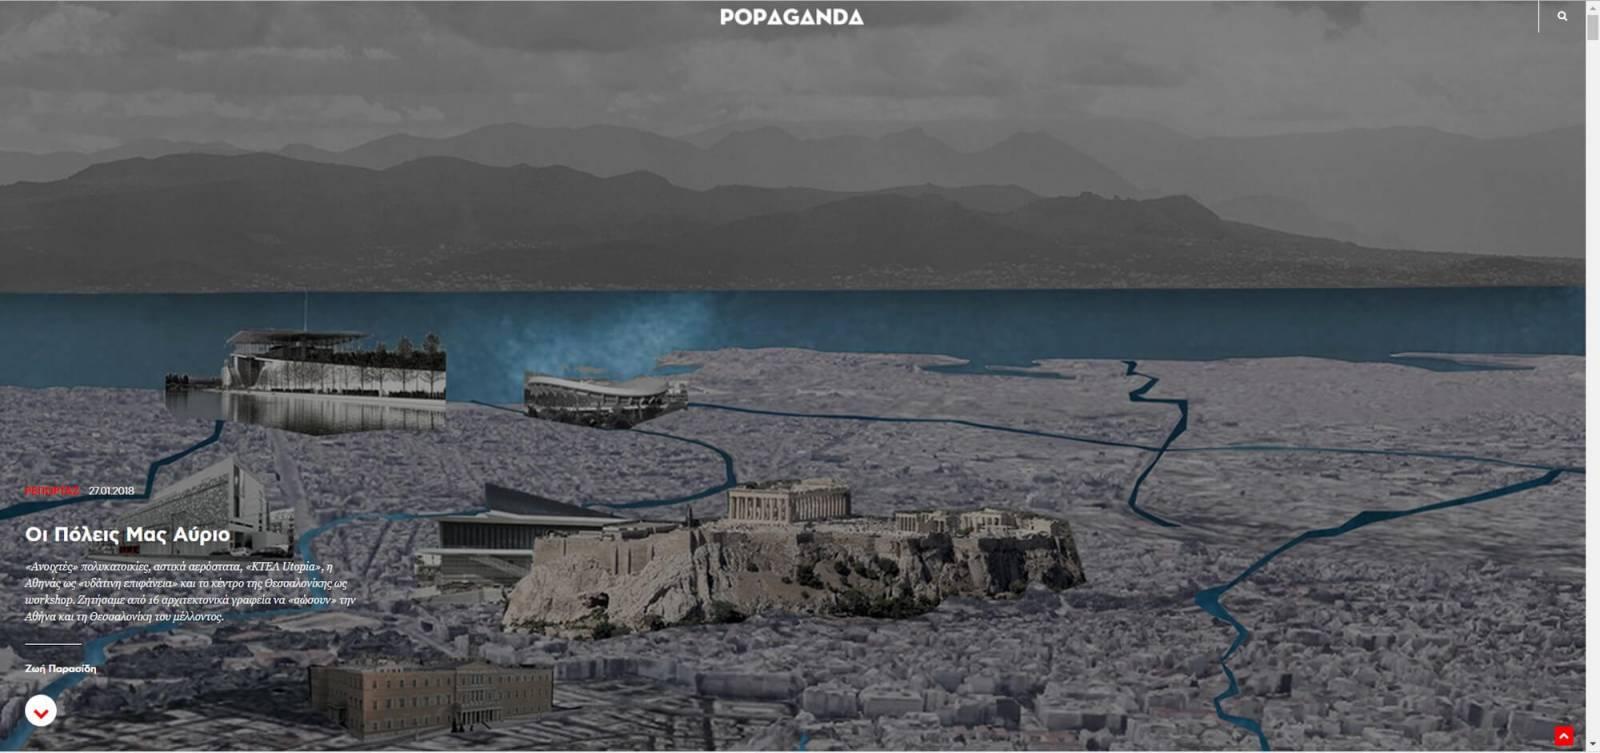 POPAGANDA - 2